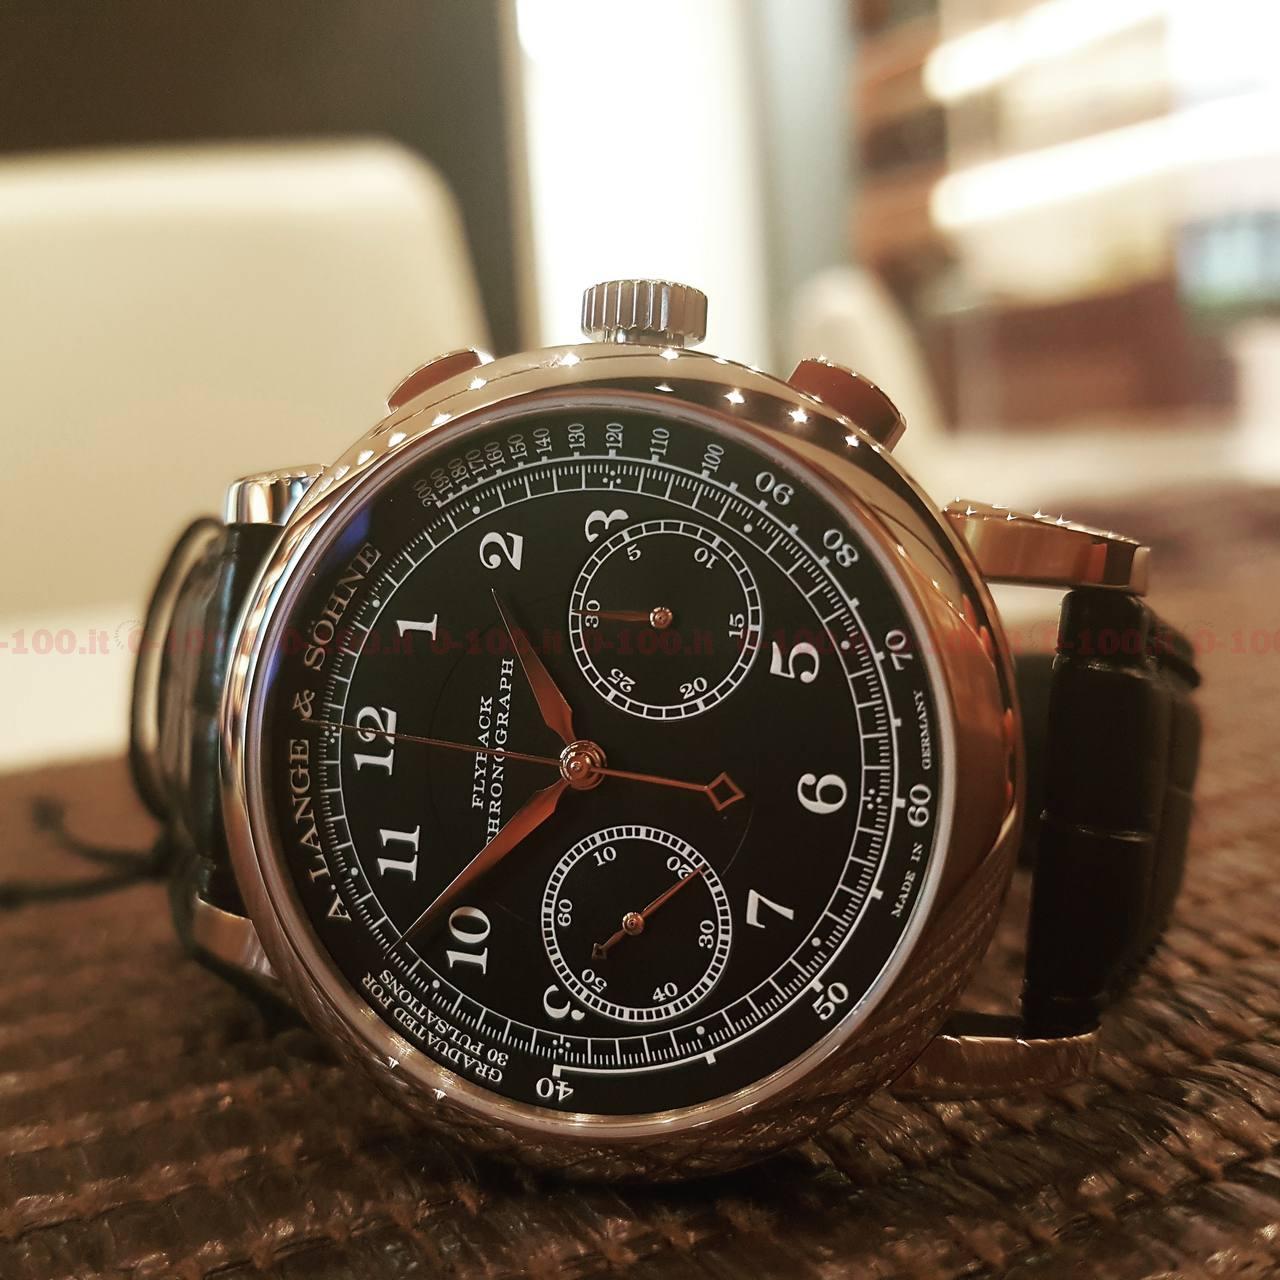 PRIMO CONTATTO A. Lange & Söhne 1815 cronografo_prezzo_price_0-1001